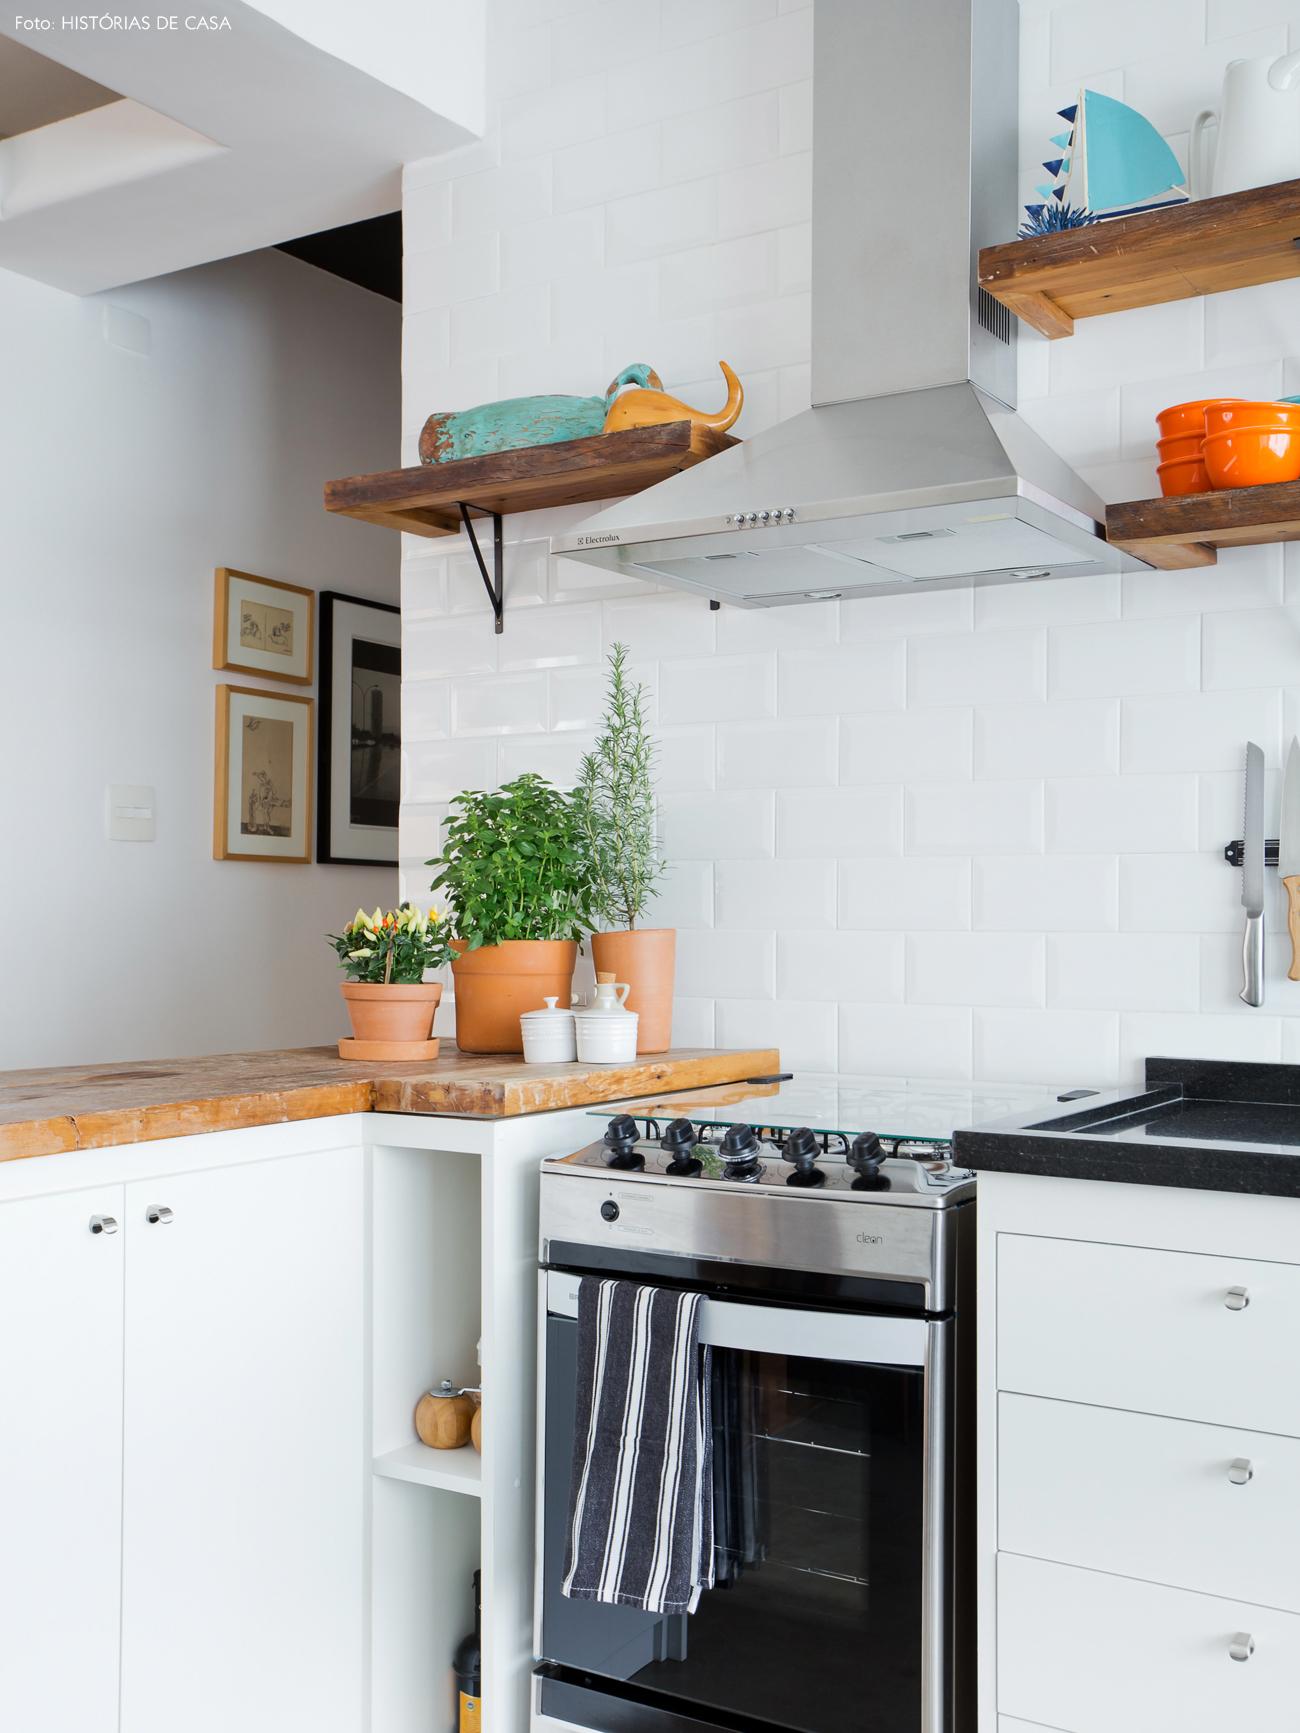 26-decoracao-cozinha-aberta-madeira-demolicao-subway-tiles